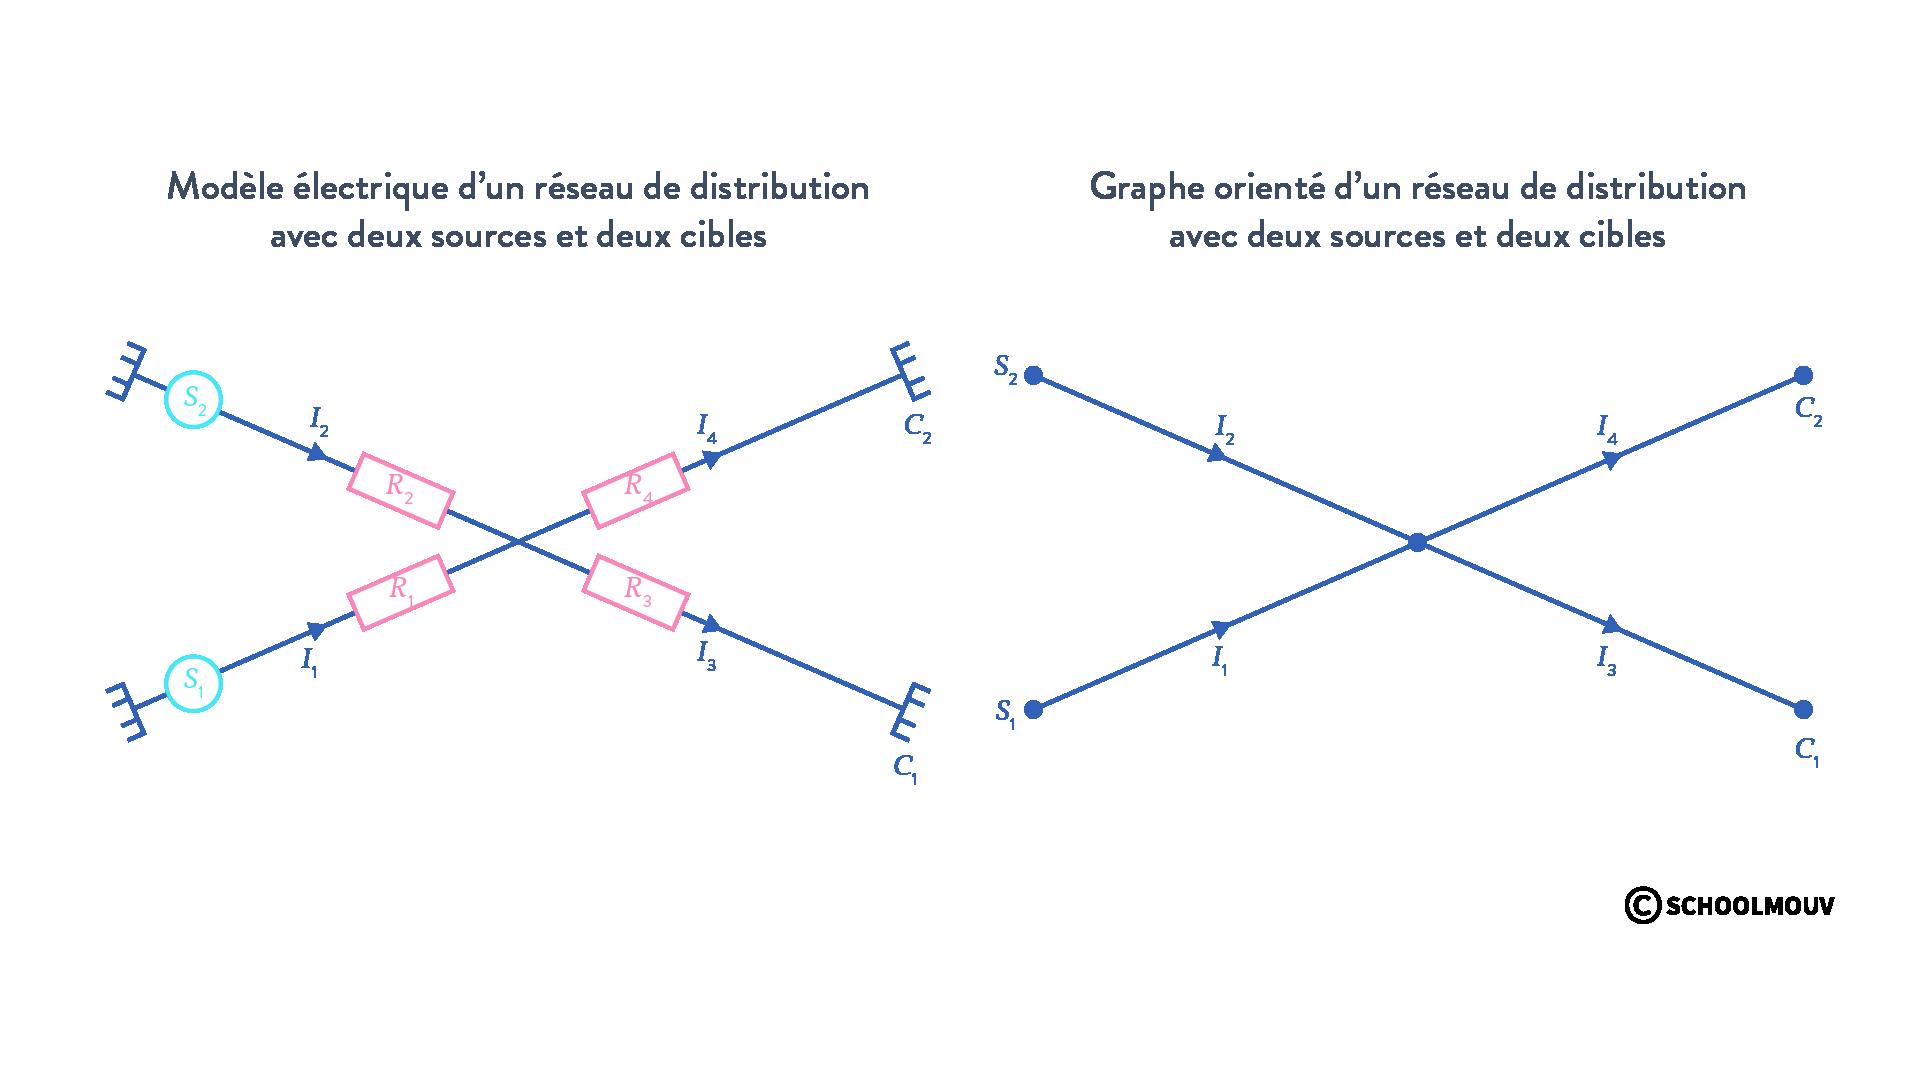 modèle électrique graphe orienté réseau transport distribution sources cibles